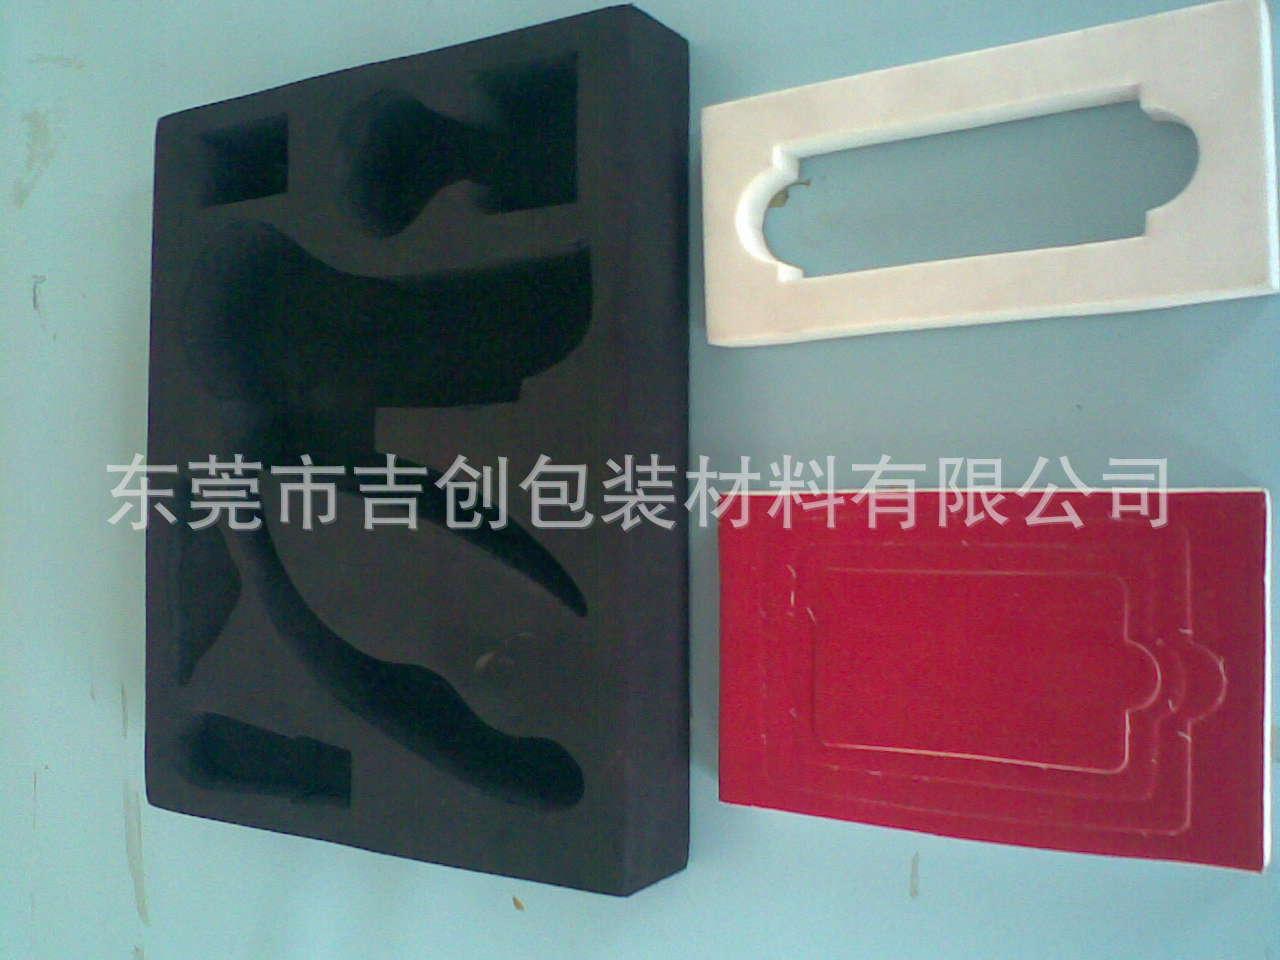 厂家加工定制 泡棉EVA内托防震包装 海绵EVA内托